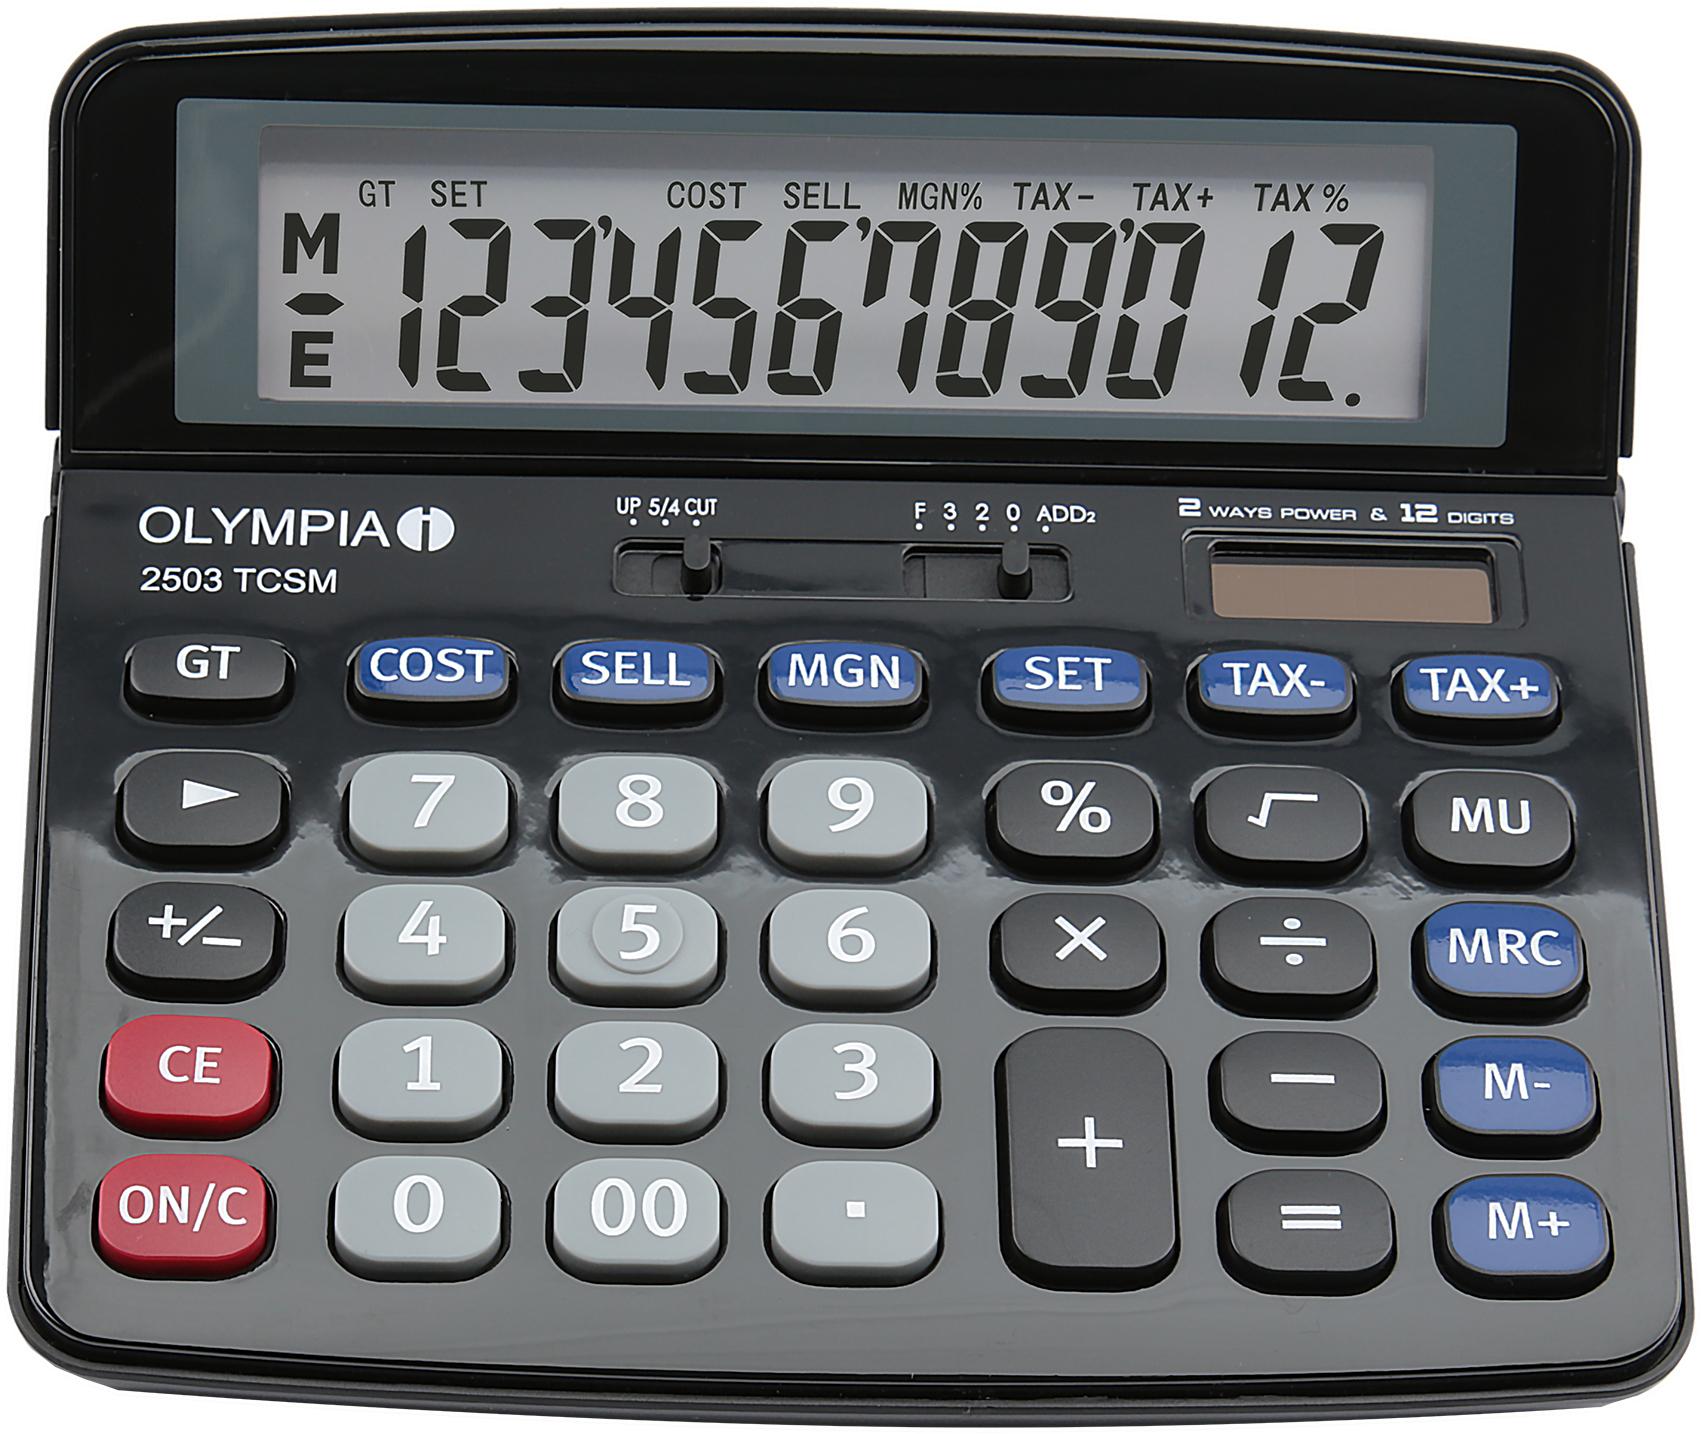 Olympia - 2503 TCSM - Tischrechner - 12-stellige Anzeige - schwarz